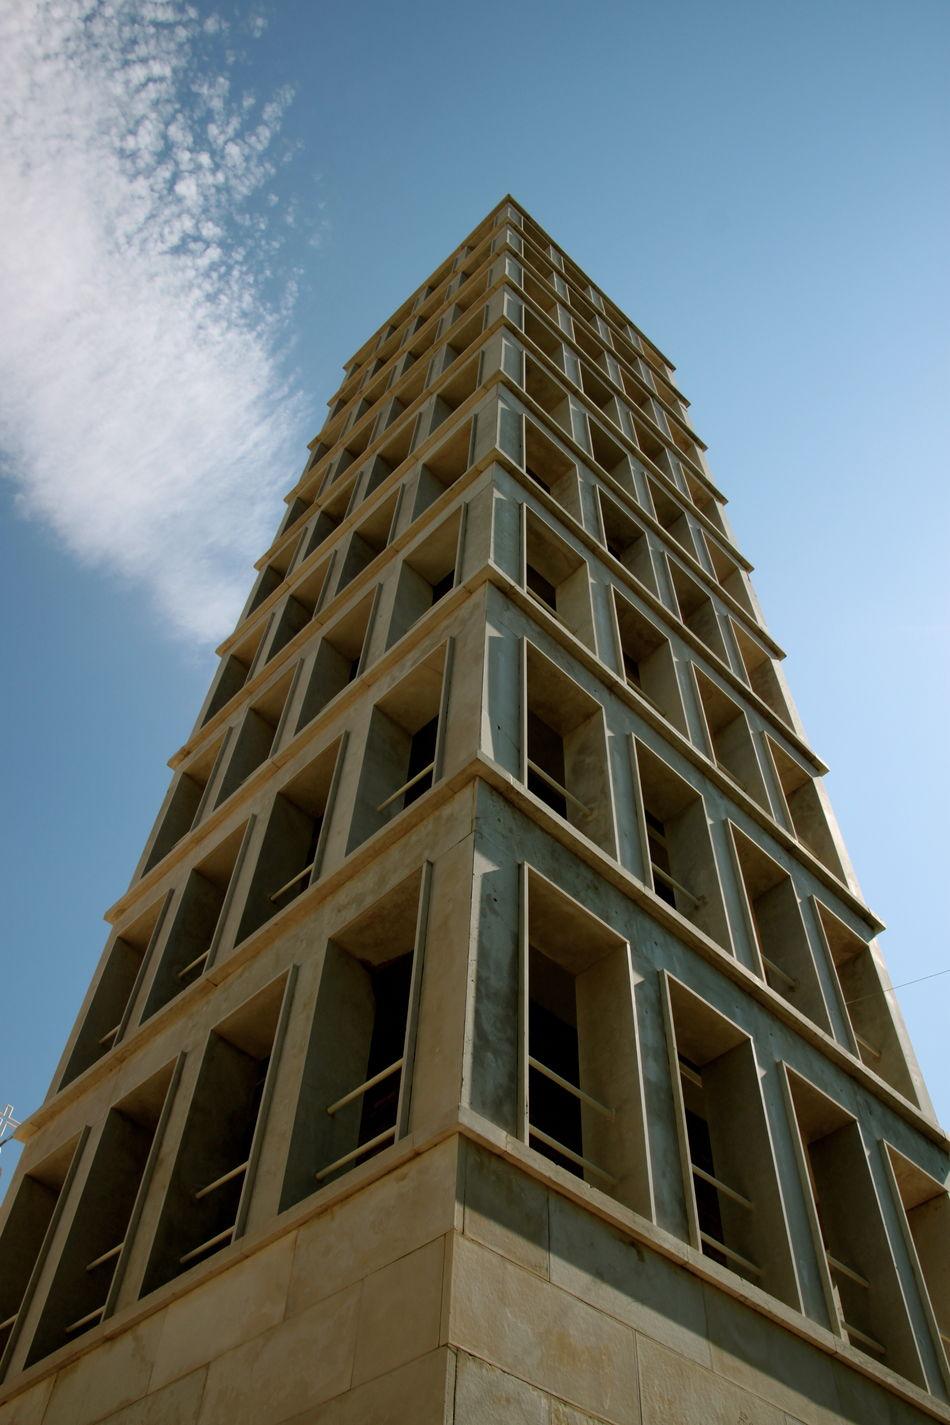 Architectural Feature Architecture Bell Tower Building Exterior Città Di Fondazione Fascista Fascistarchitecture No People Razionalismo Segezia- FG Tower Ventennio